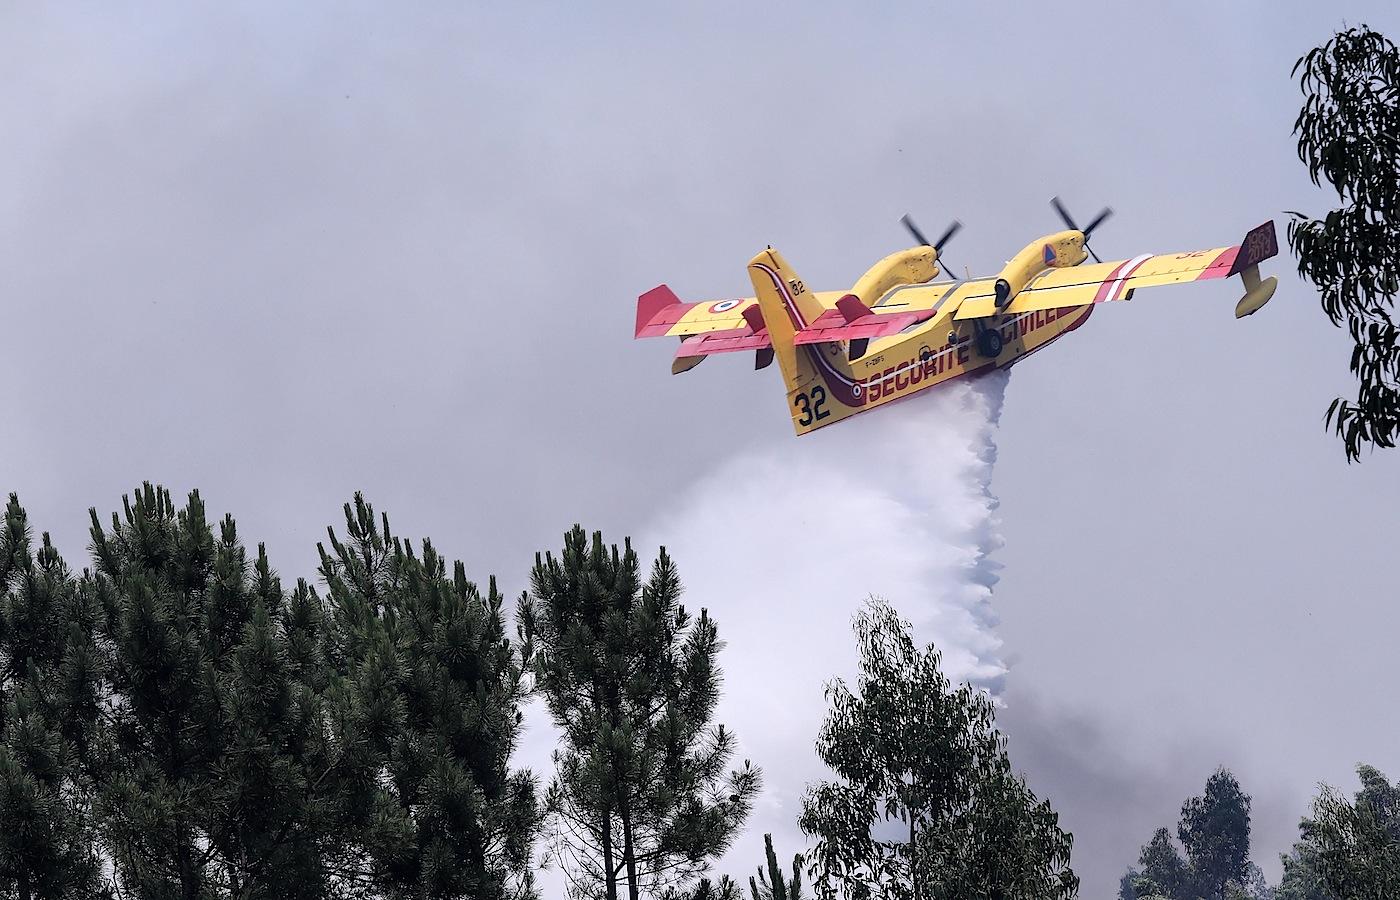 Avião Canadair da Securitè Civile de França combate o fogo no Alto da Louriceira, em Pedrógão Grande, 20 de junho de 2017